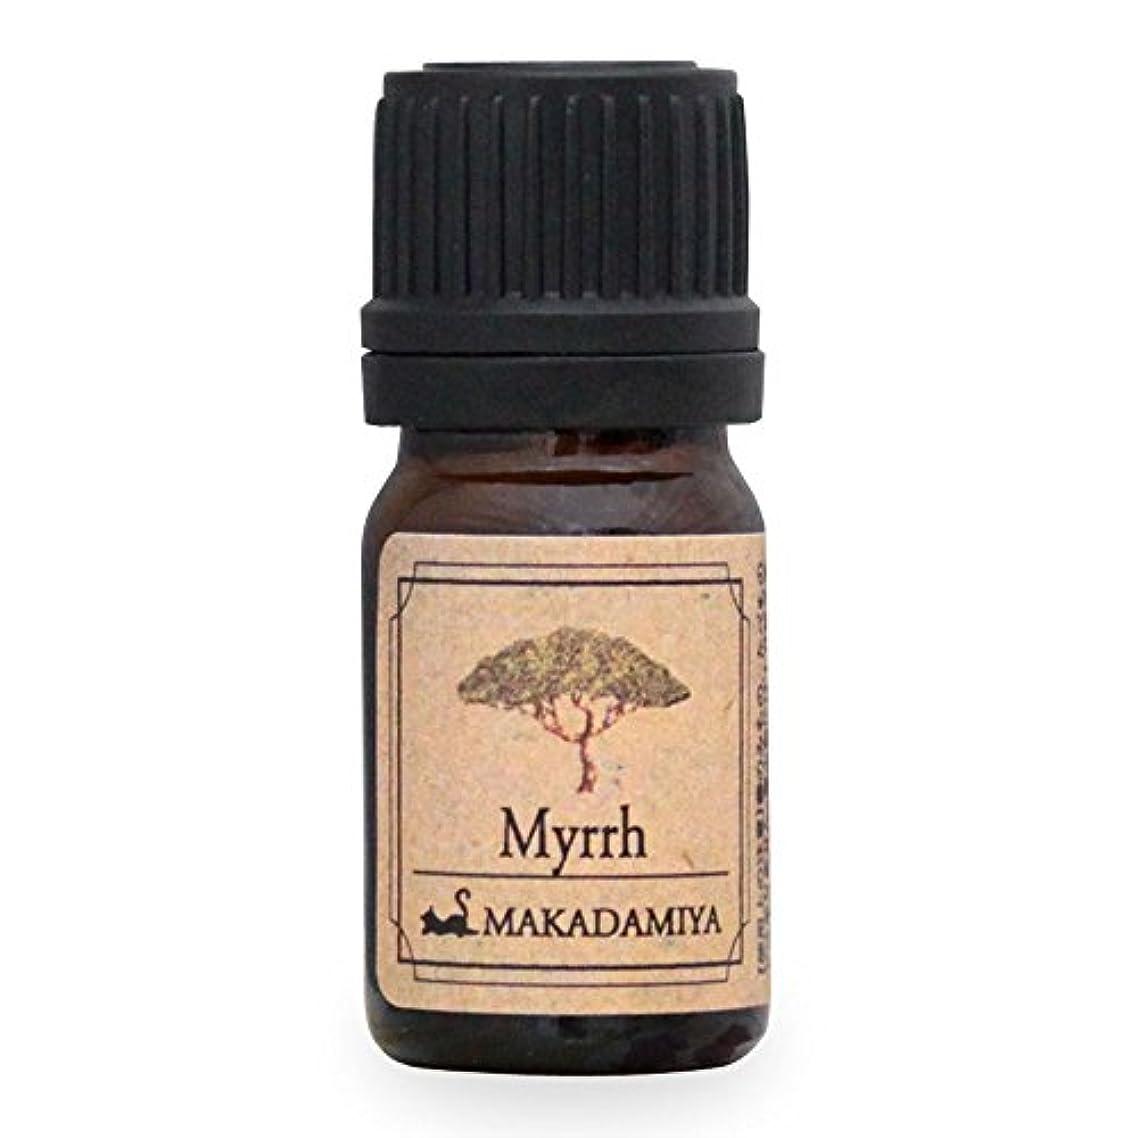 重さ封筒どう?ミルラ5ml 天然100%植物性 エッセンシャルオイル(精油) アロマオイル アロママッサージ aroma Myrrh